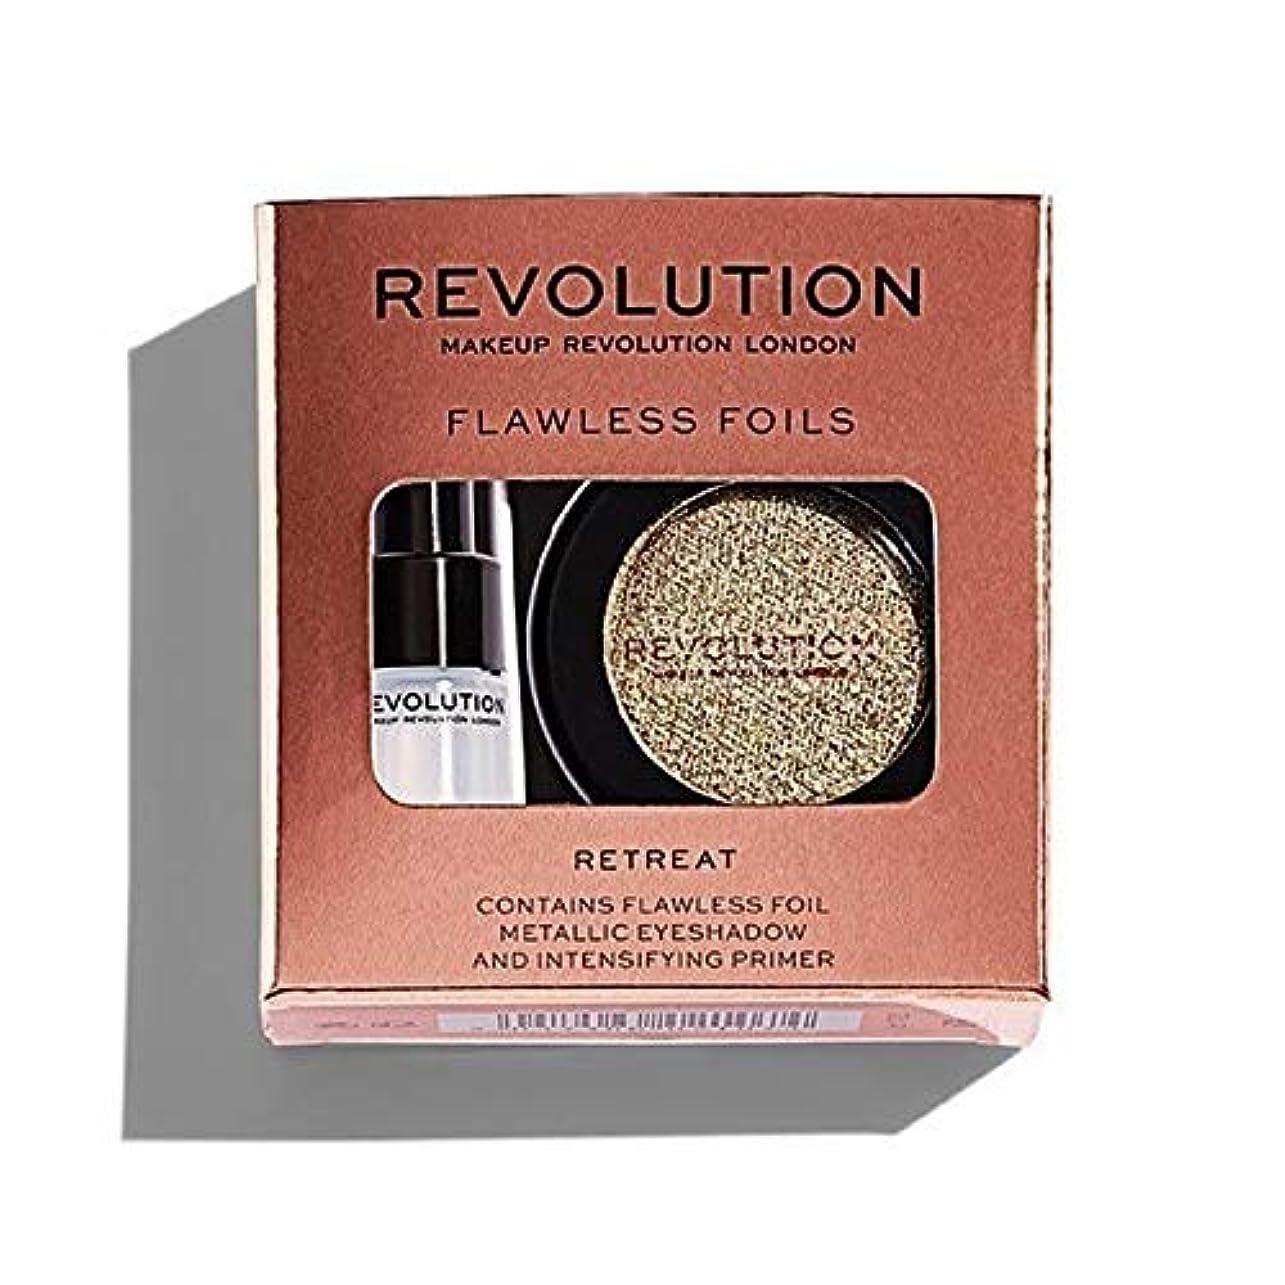 一過性引き付ける鉛筆[Revolution ] 革命完璧な箔の隠れ家 - Revolution Flawless Foils Retreat [並行輸入品]